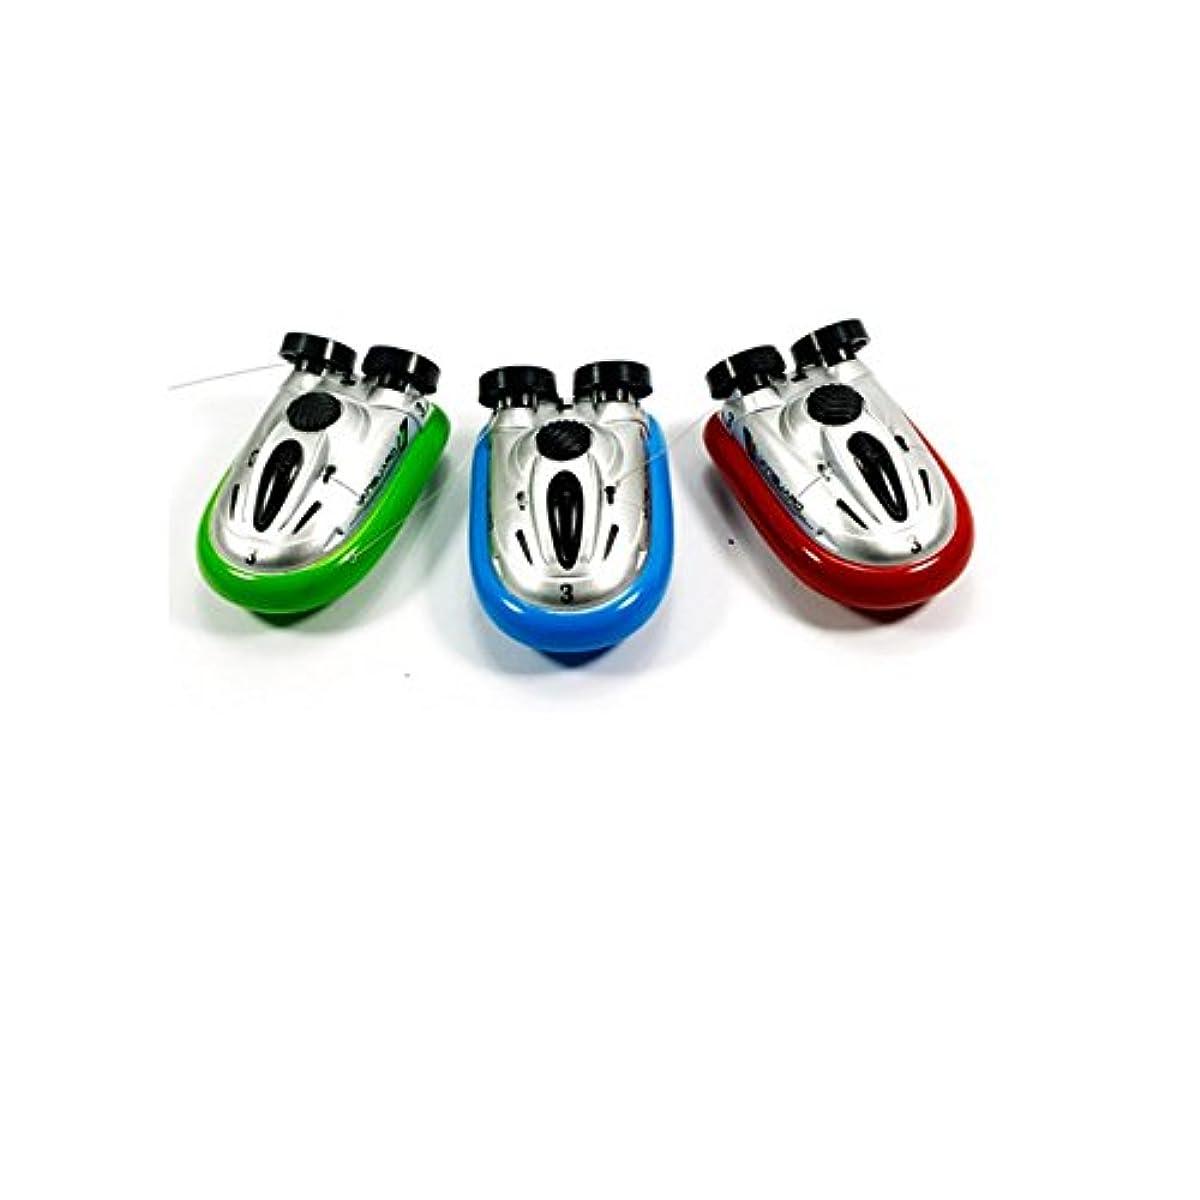 [해외] LIEBEYE hovercraft 네비게이션 아이 미니 리모트 컨트롤 모델 방수 보트 장난감 크리스마스 기프트